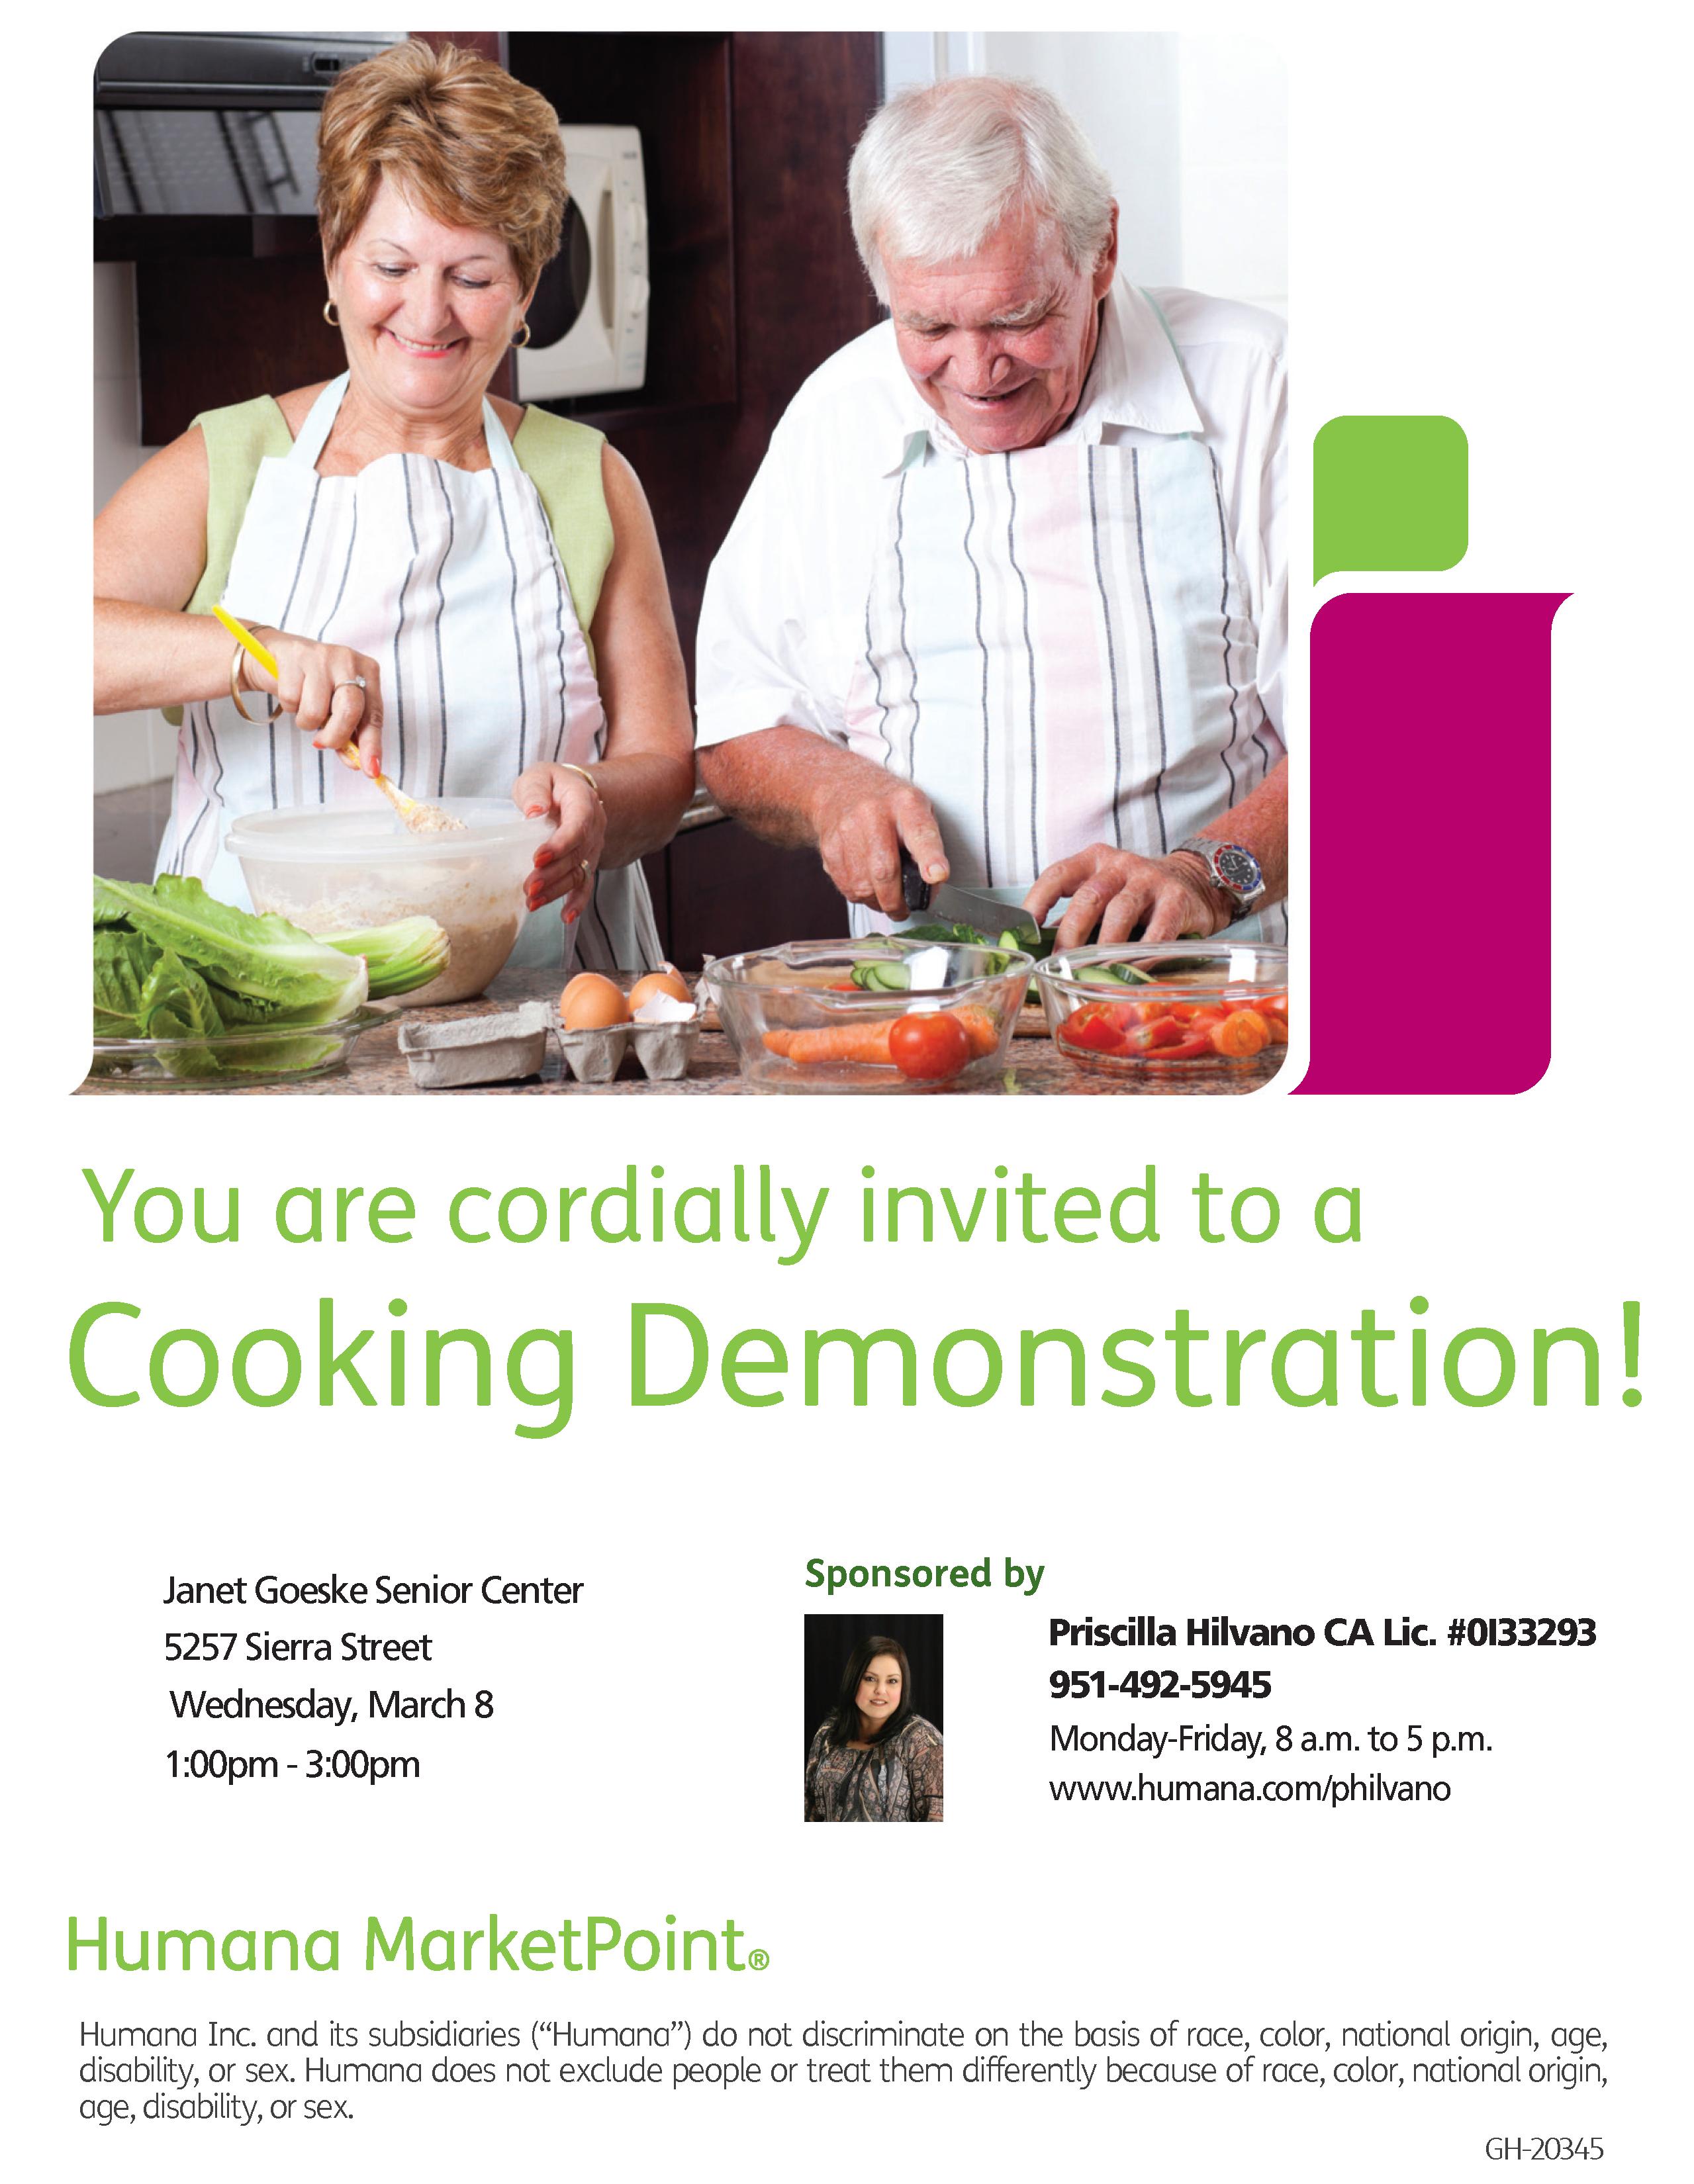 Janet Goeske Center Cooking Demonstration